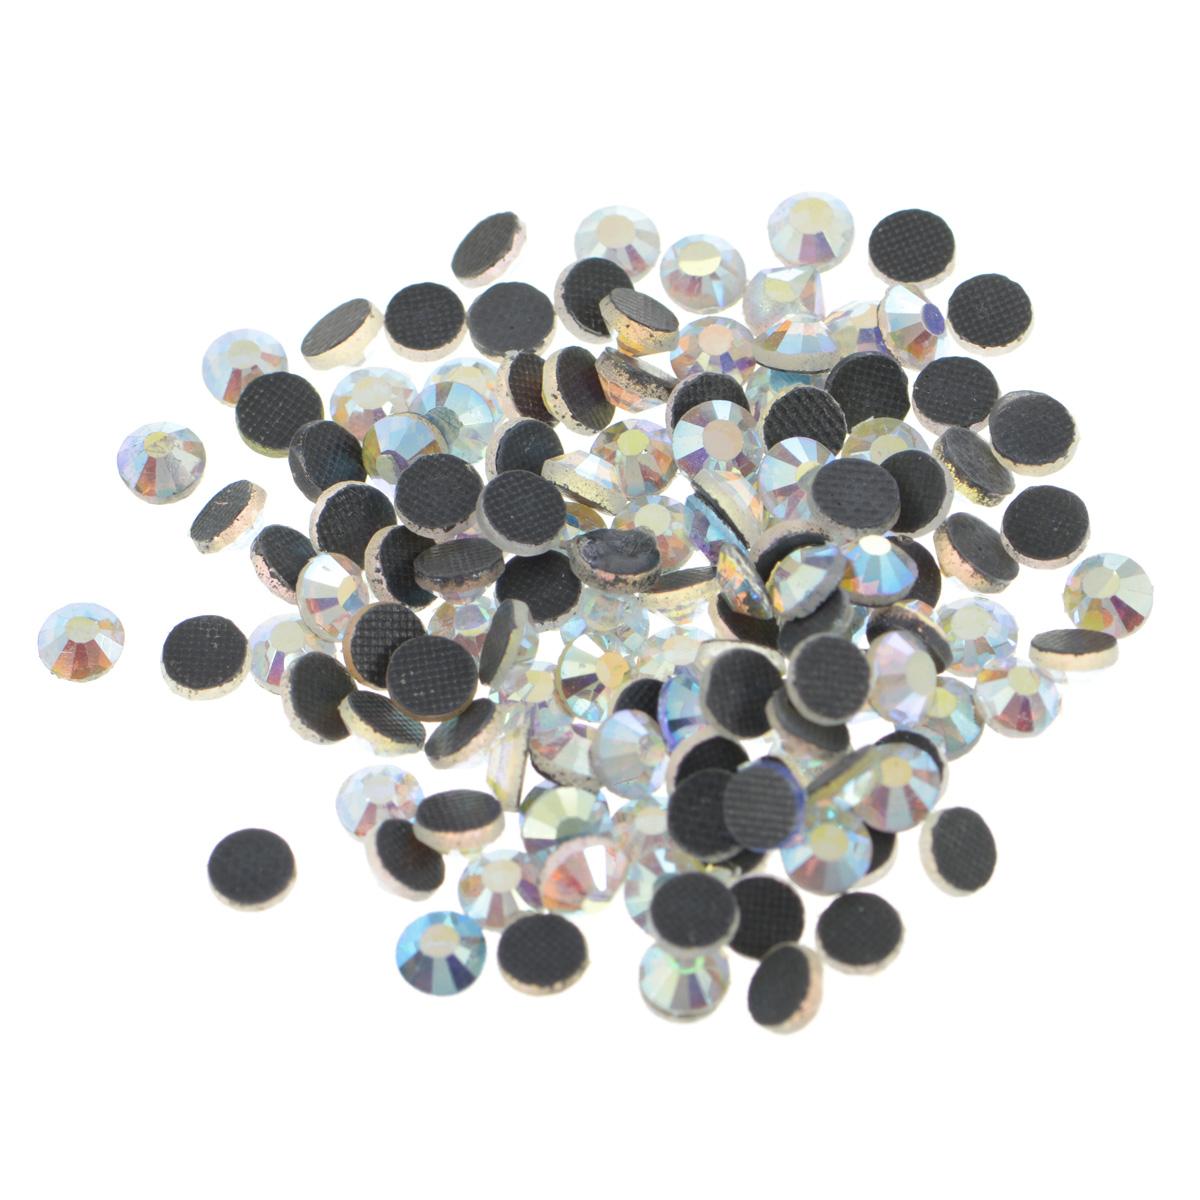 Стразы термоклеевые Cristal, цвет: белый (215АВ), диаметр 4,8 мм, 144 шт7706832_215АВНабор термоклеевых страз Cristal, изготовленный из высококачественного акрила, позволит вам украсить одежду, аксессуары или текстиль. Яркие стразы имеют плоское дно и круглую поверхность с гранями.Дно термоклеевых страз уже обработано особым клеем, который под воздействием высоких температур начинает плавиться, приклеиваясь, таким образом, к требуемой поверхности. Чаще всего их используют в текстильной промышленности: стразы прикладывают к ткани и проглаживают утюгом с обратной стороны. Также можно использовать специальный паяльник. Украшение стразами поможет сделать любую вещь оригинальной и неповторимой. Диаметр стразы: 4,8 мм.